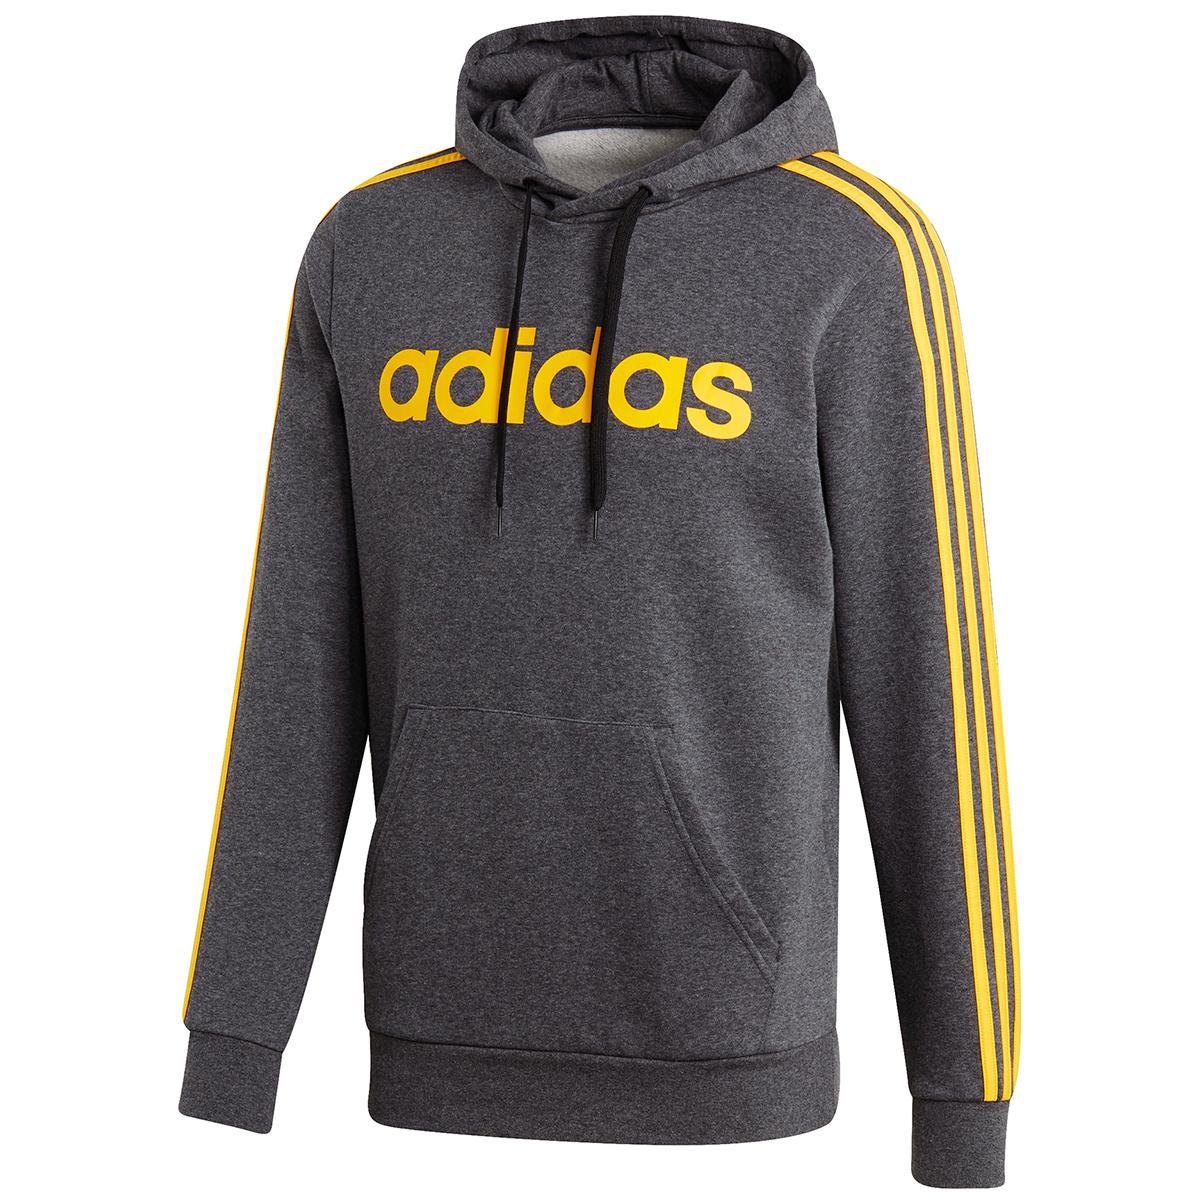 Adidas Men's Essentials 3 Stripe Pullover Hoodie - Black, XL